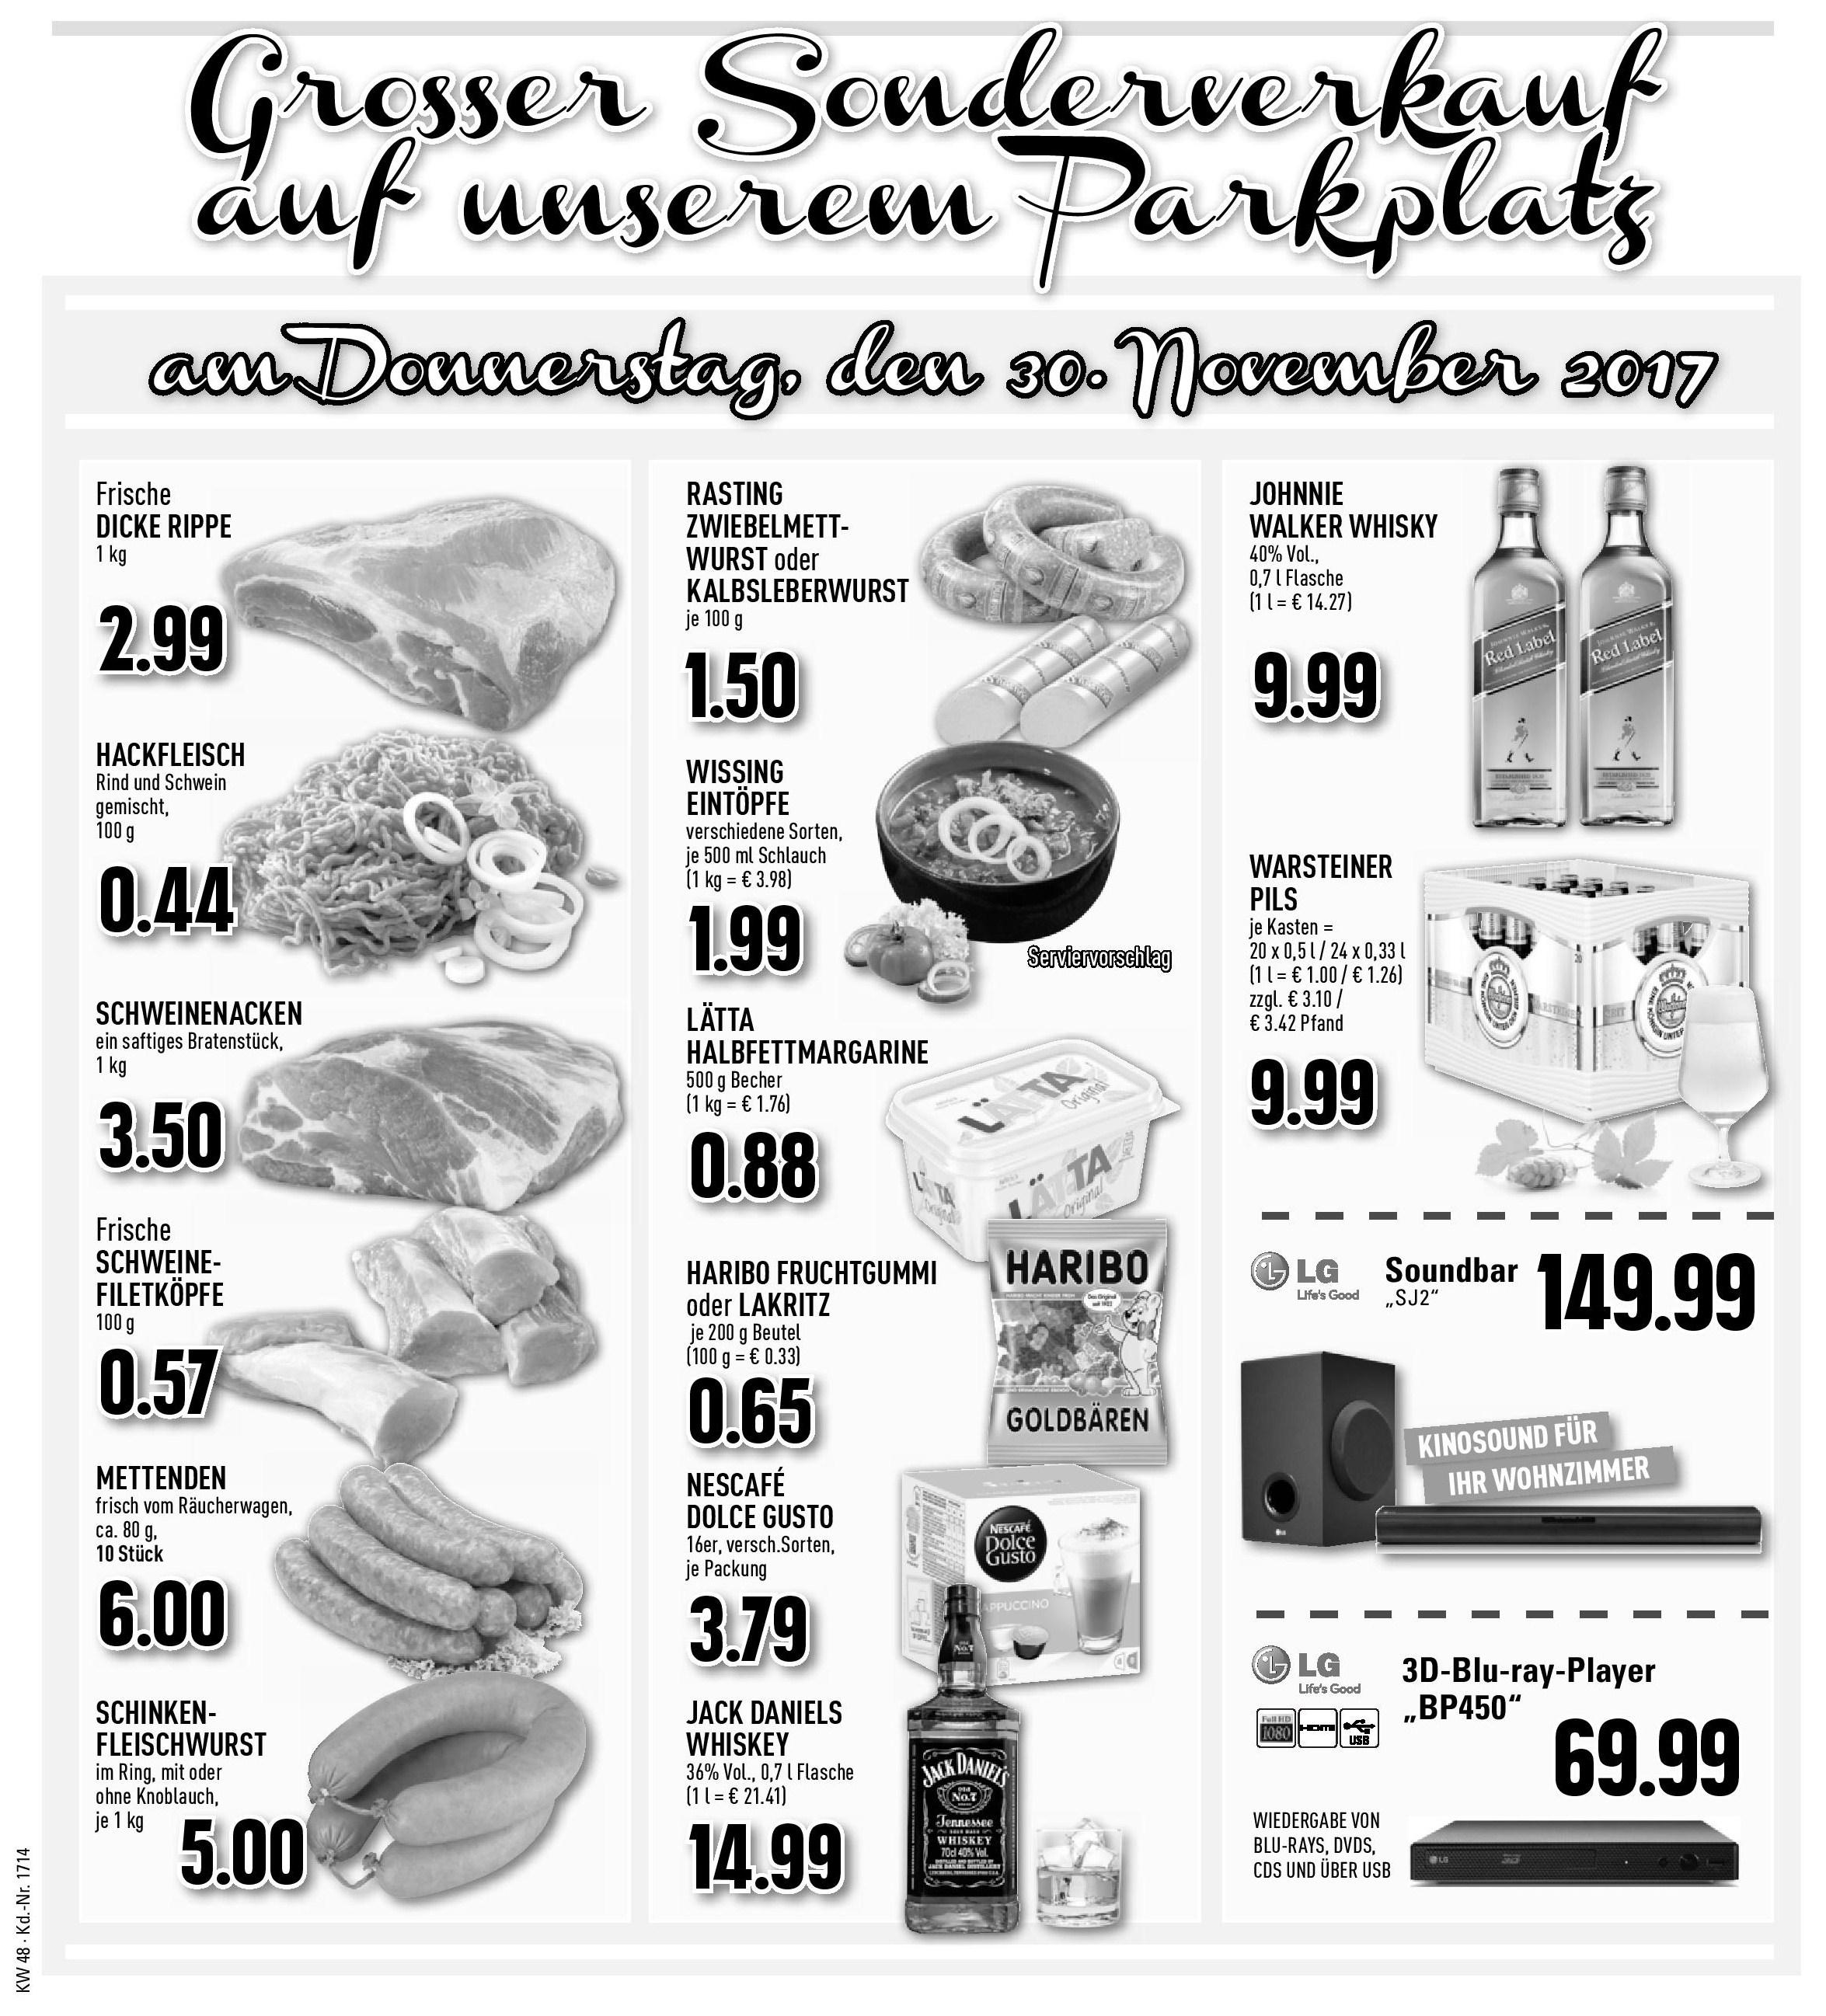 Großer Sonderverkauf am Donnerstag, 30.11.2017